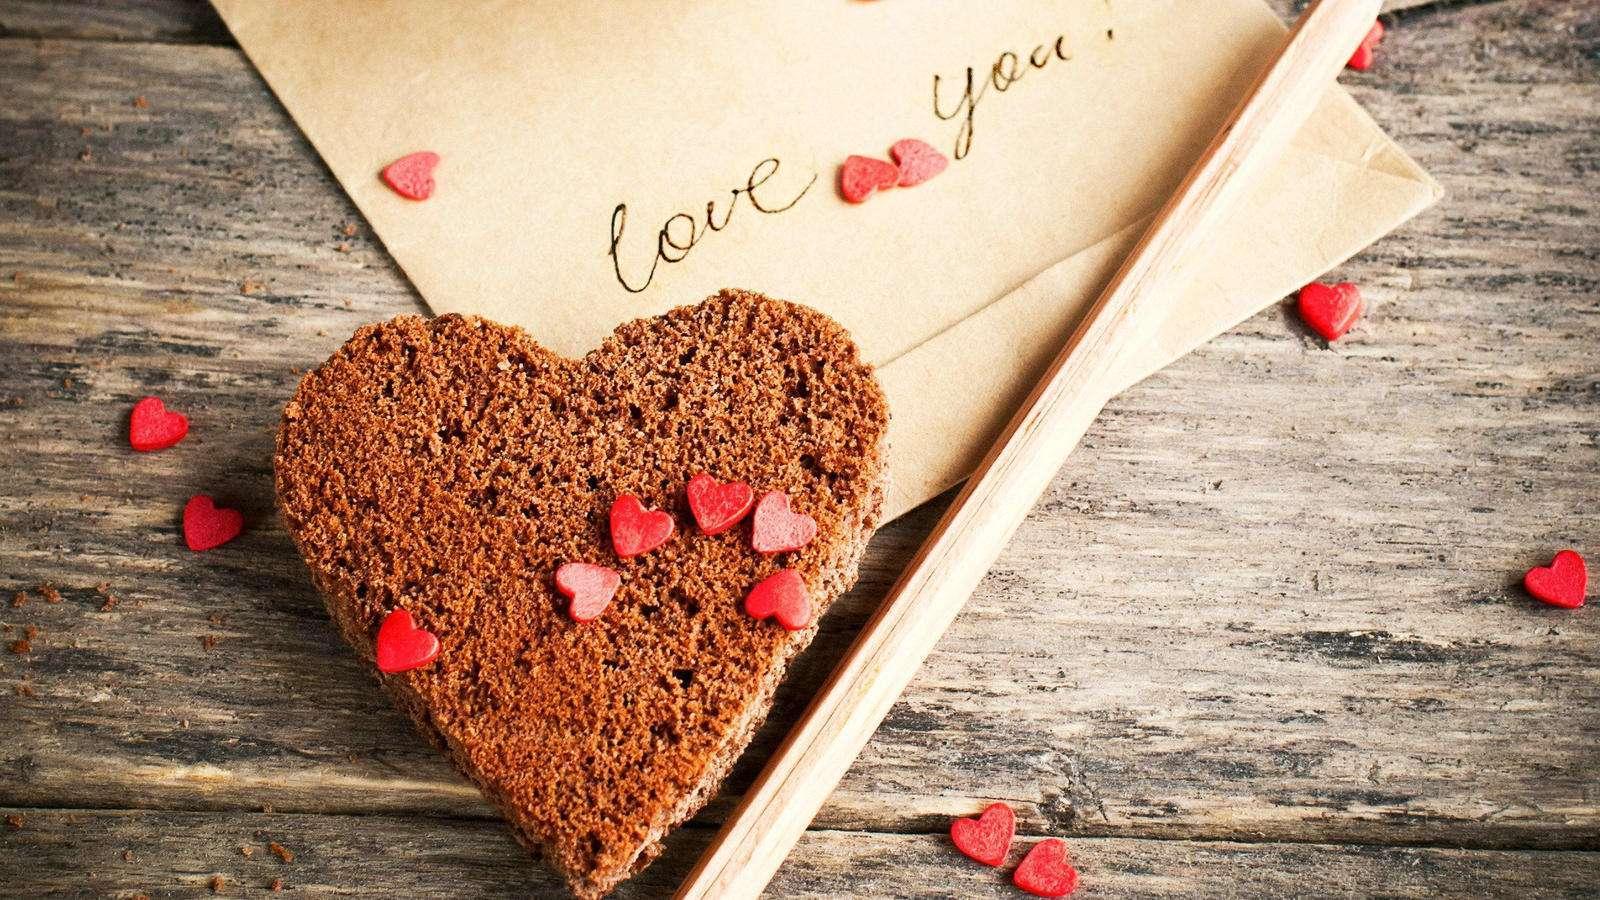 4月,喜结良缘,收获好爱情,过甜蜜蜜的生活三生肖